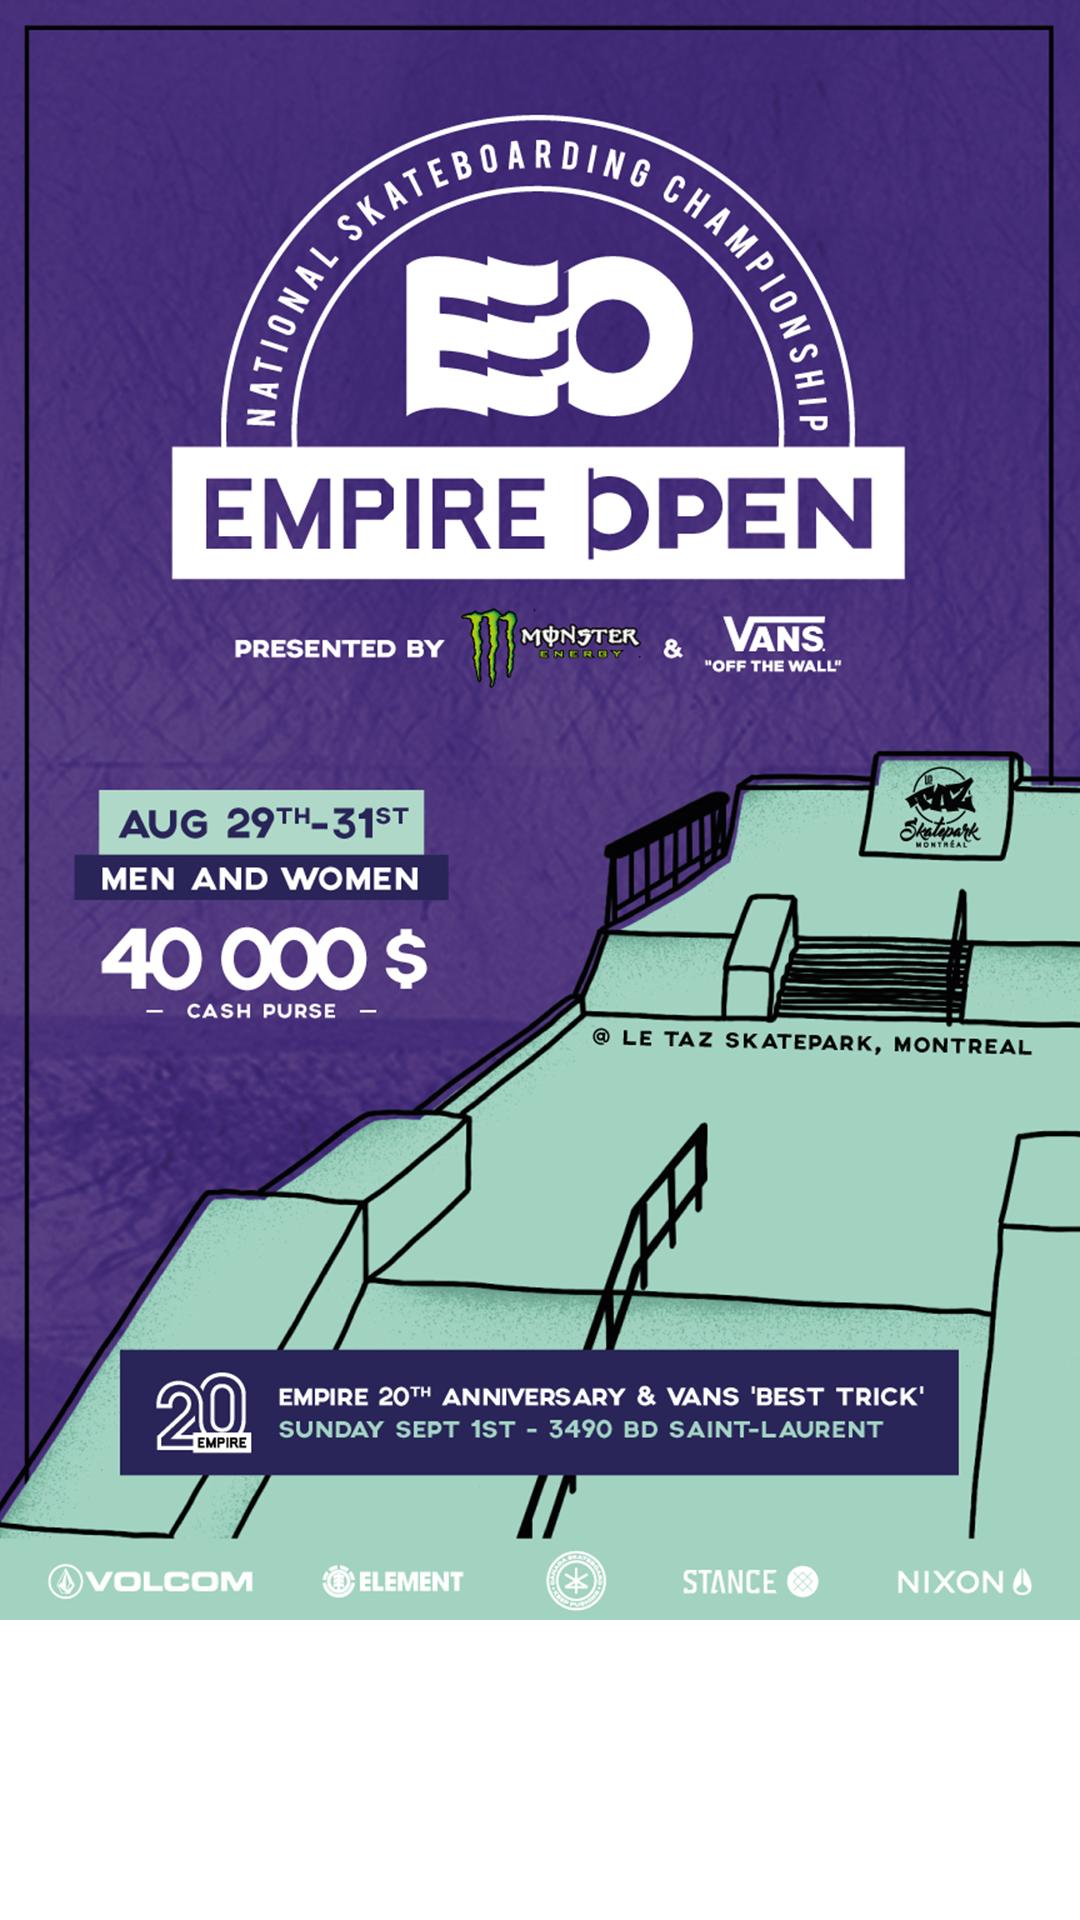 Empire Open 2019